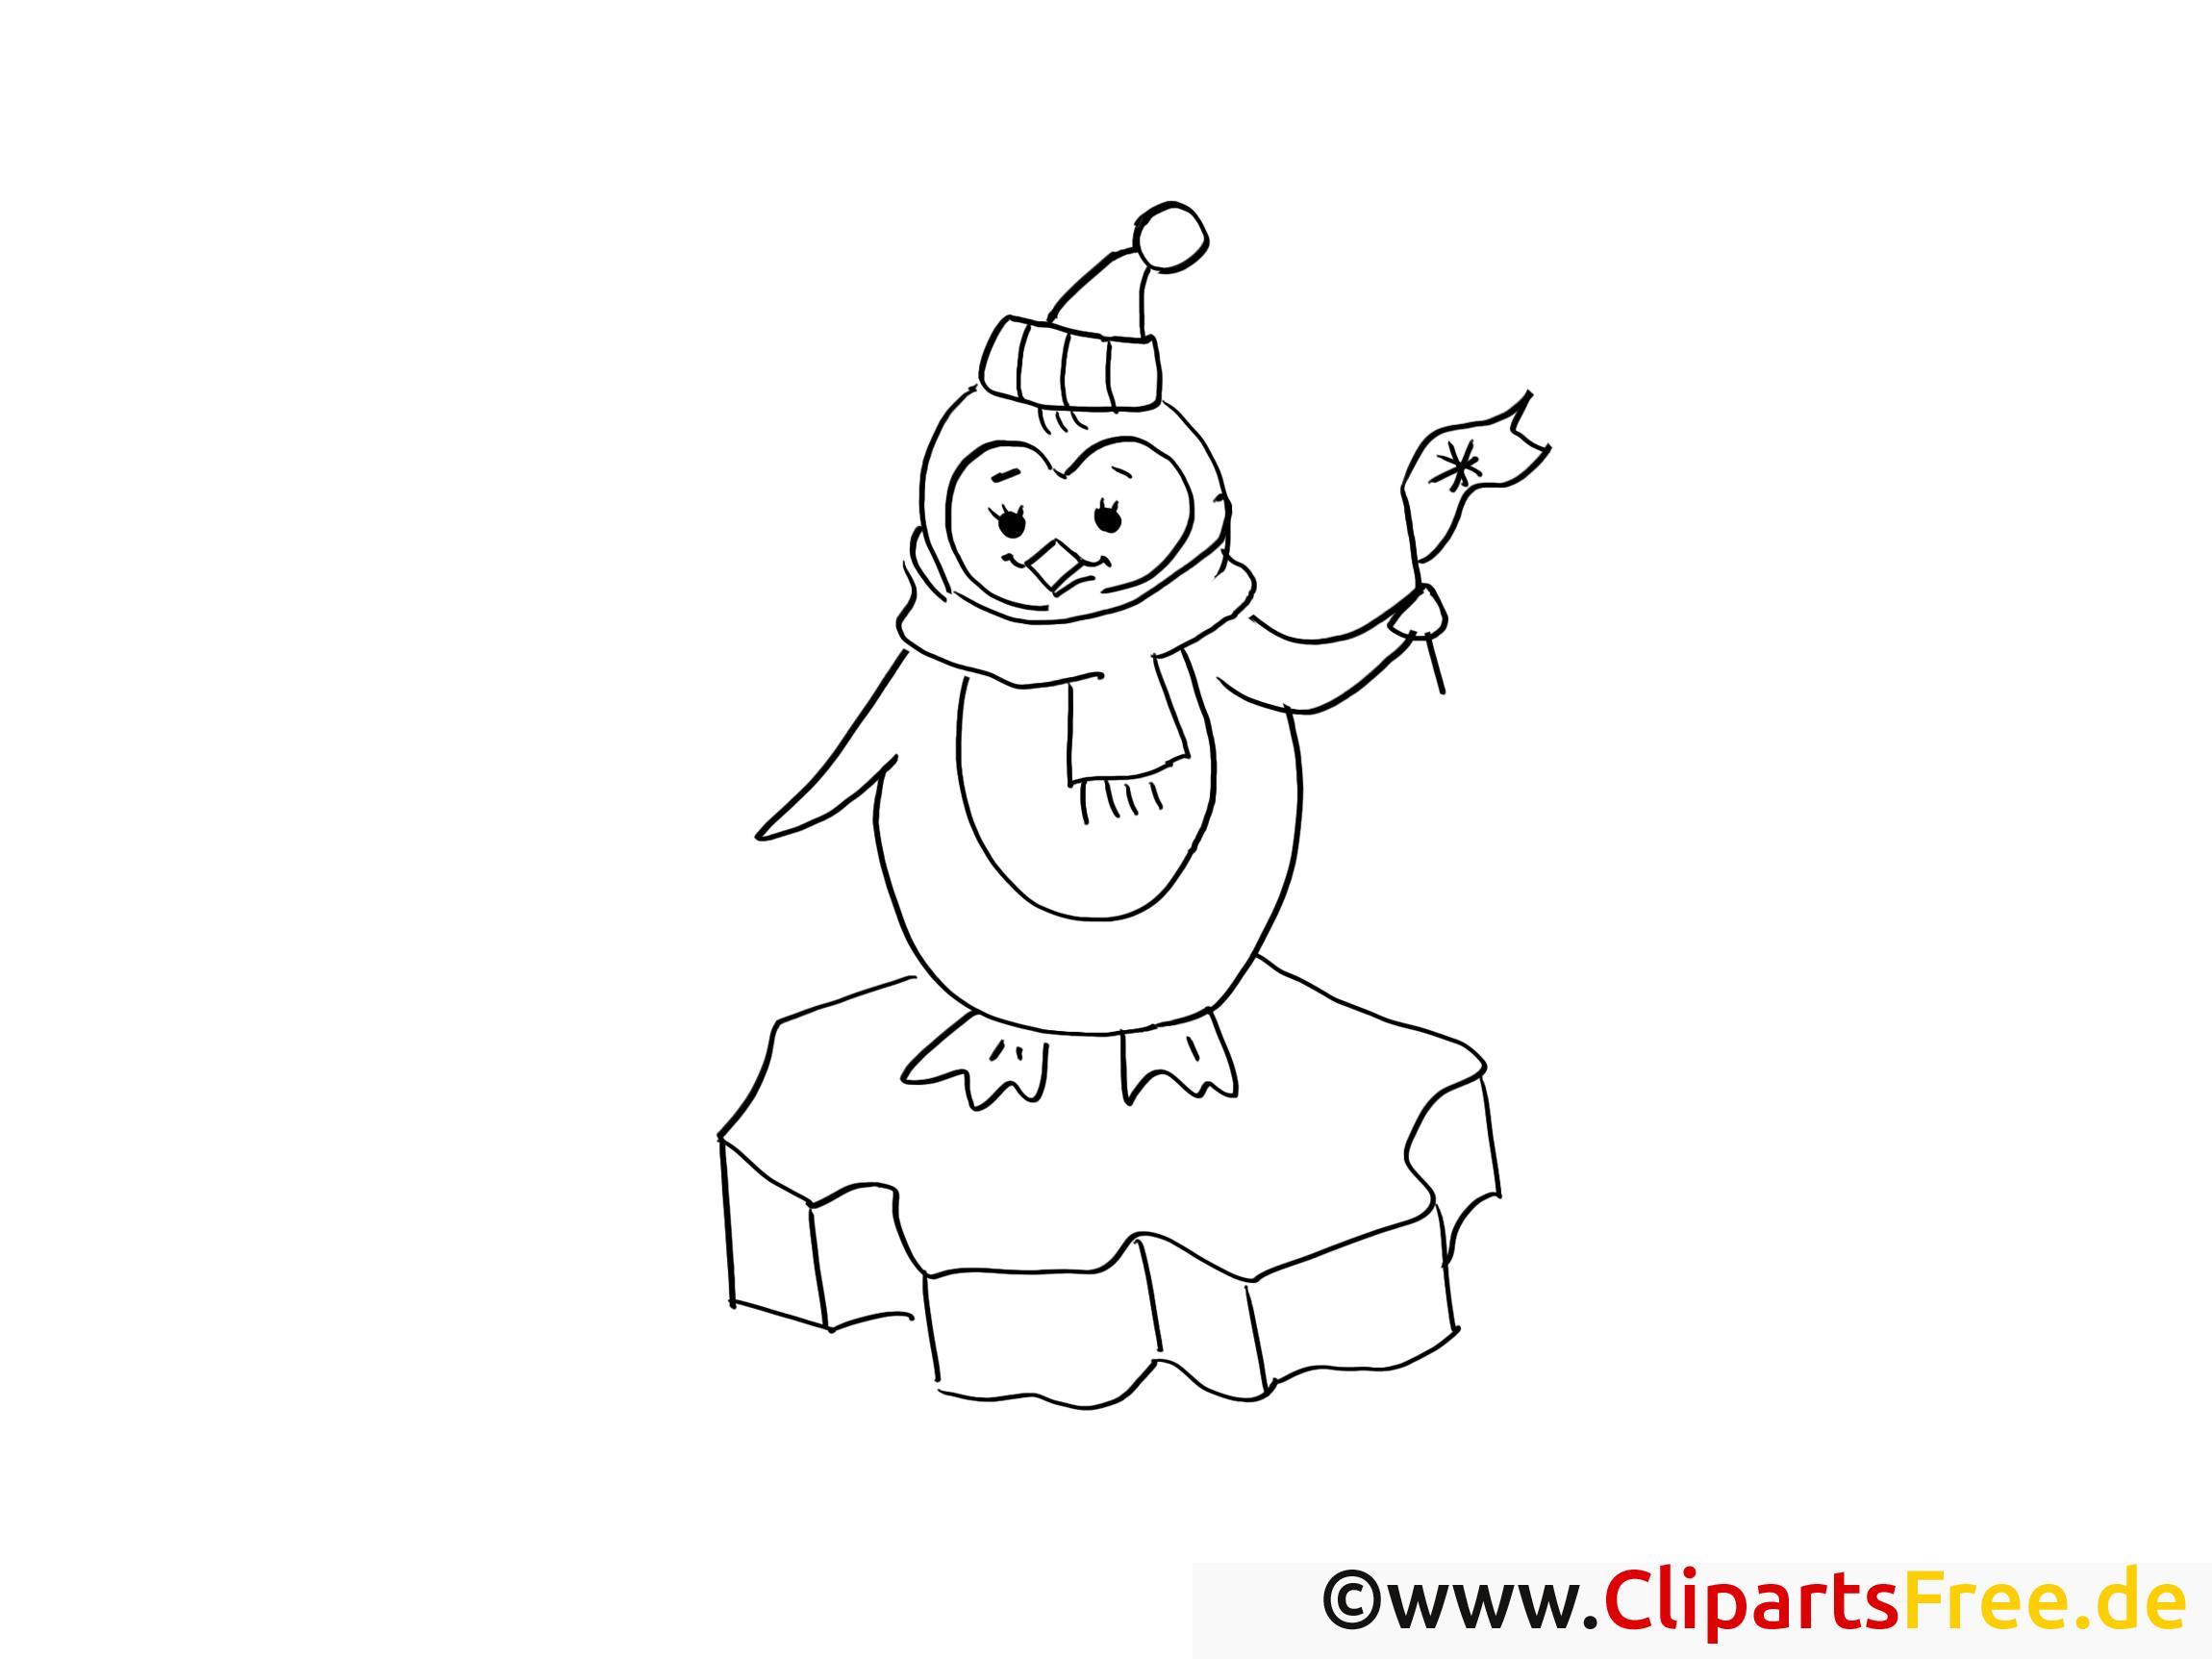 pinguin mit fahne ausmalbilder gratis für kinder